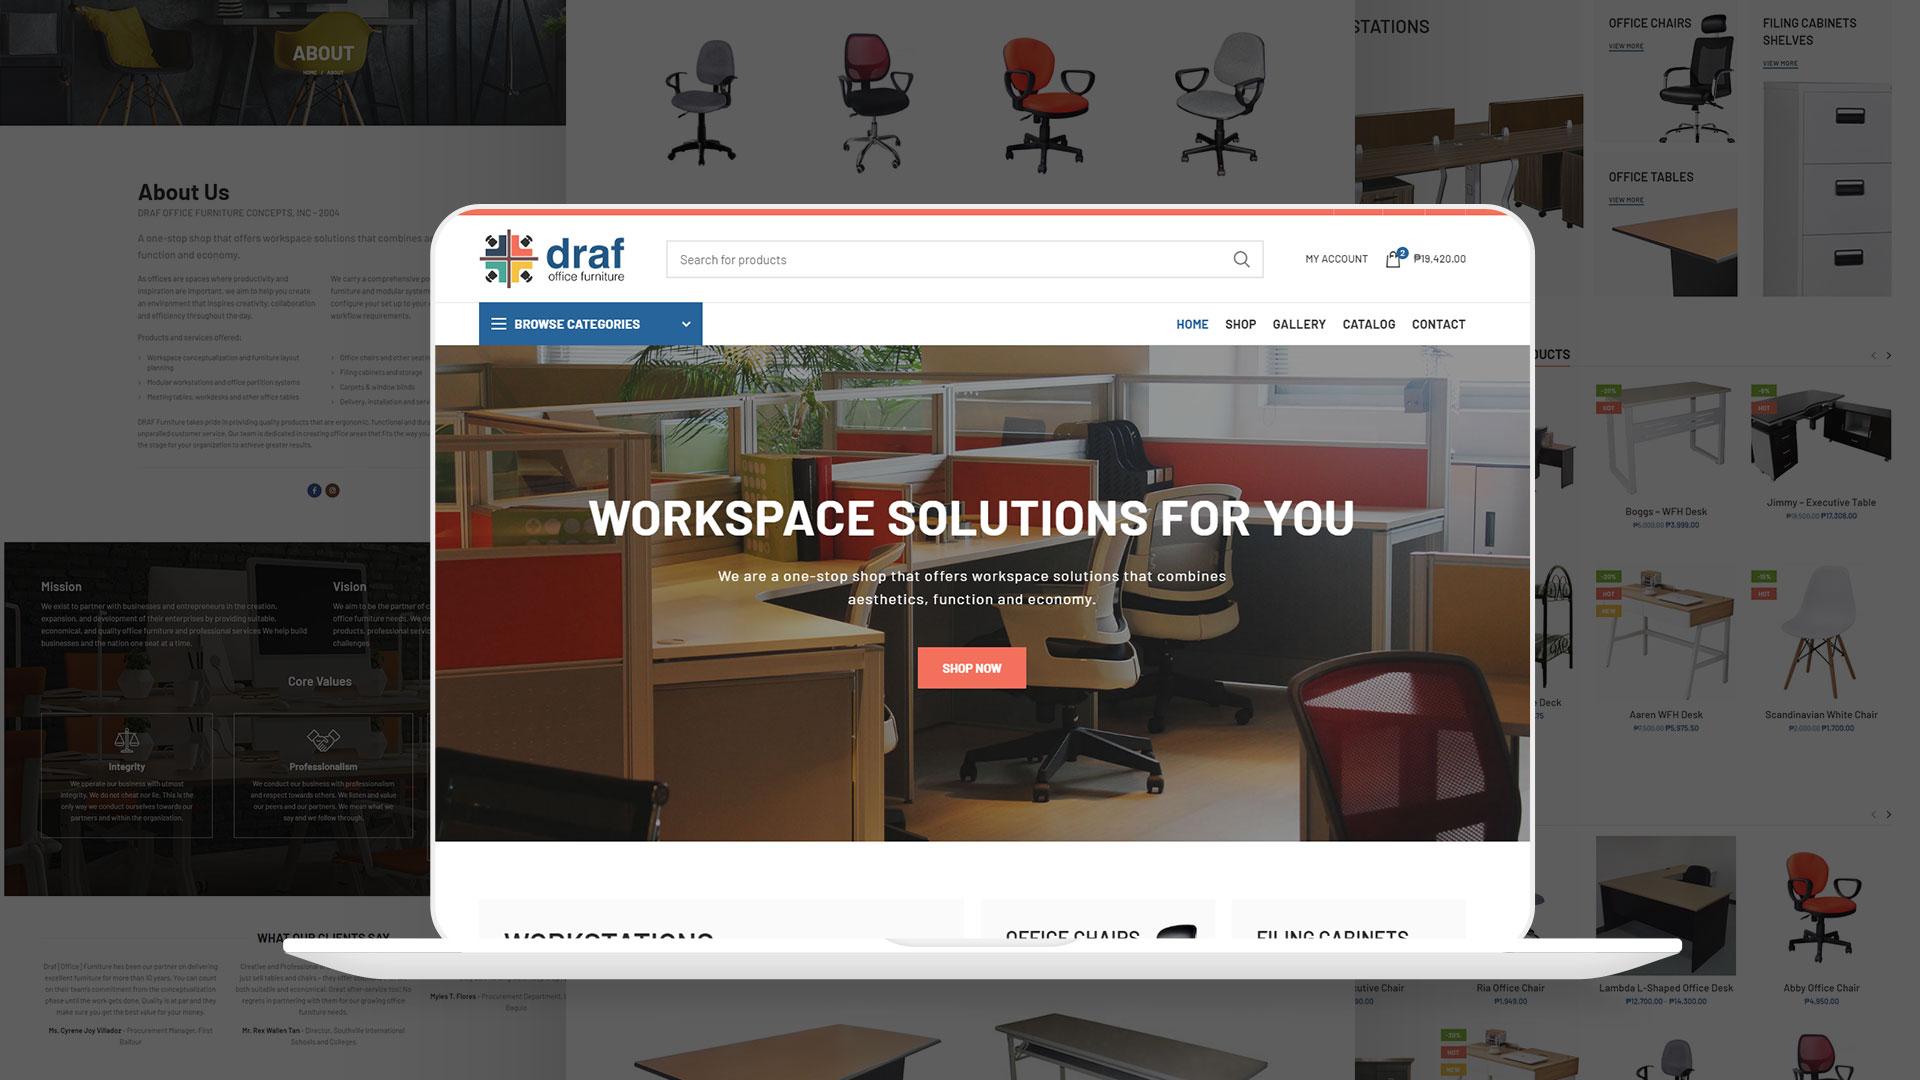 Draf Office Furniture Website